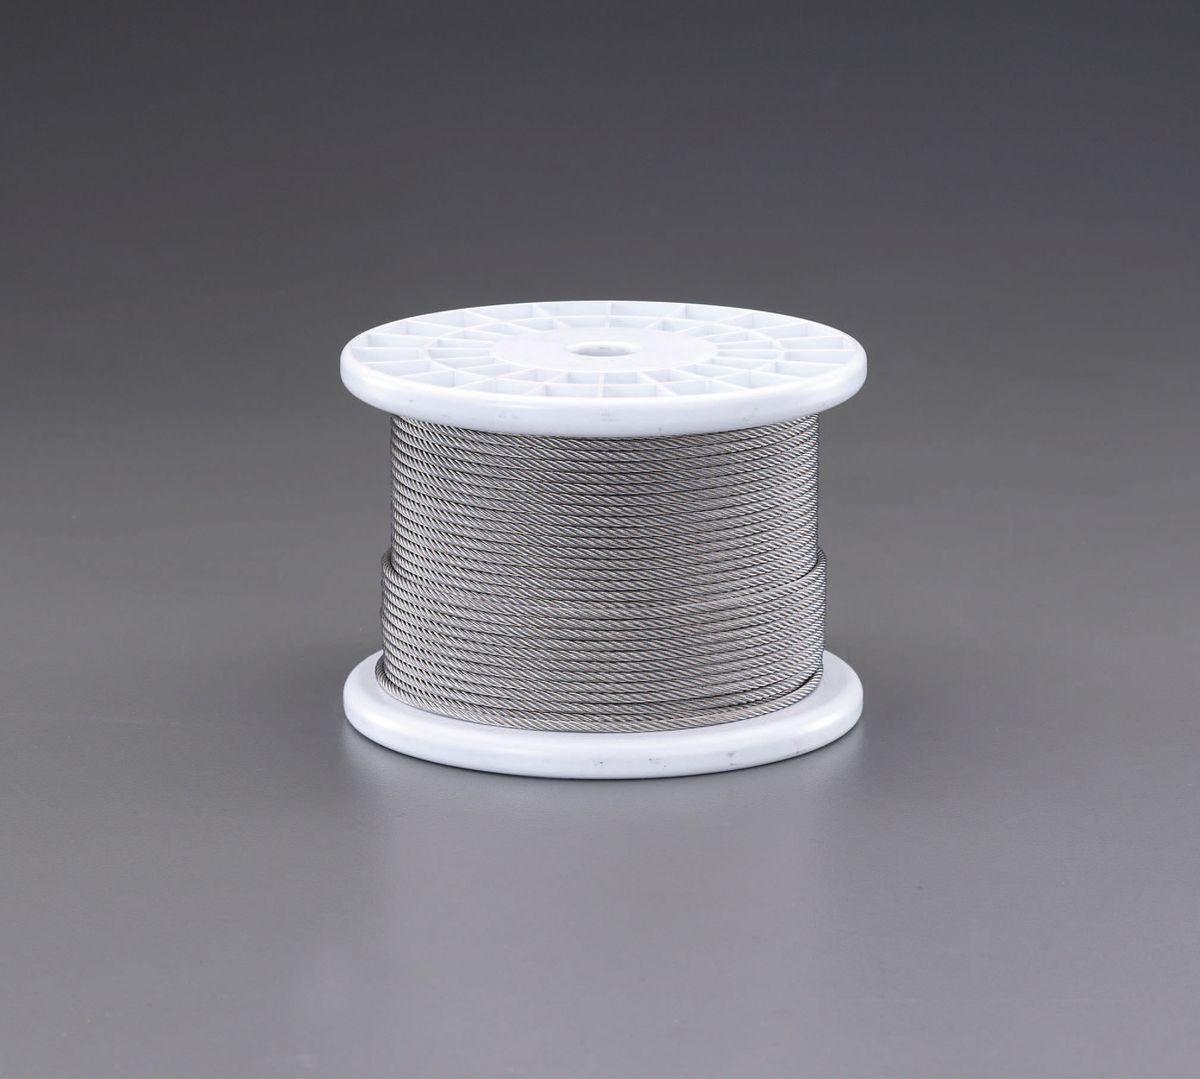 【メーカー在庫あり】 エスコ ESCO 4.0mmx100m/7x19 ワイヤーロープ(ステンレス製) 000012239052 JP店